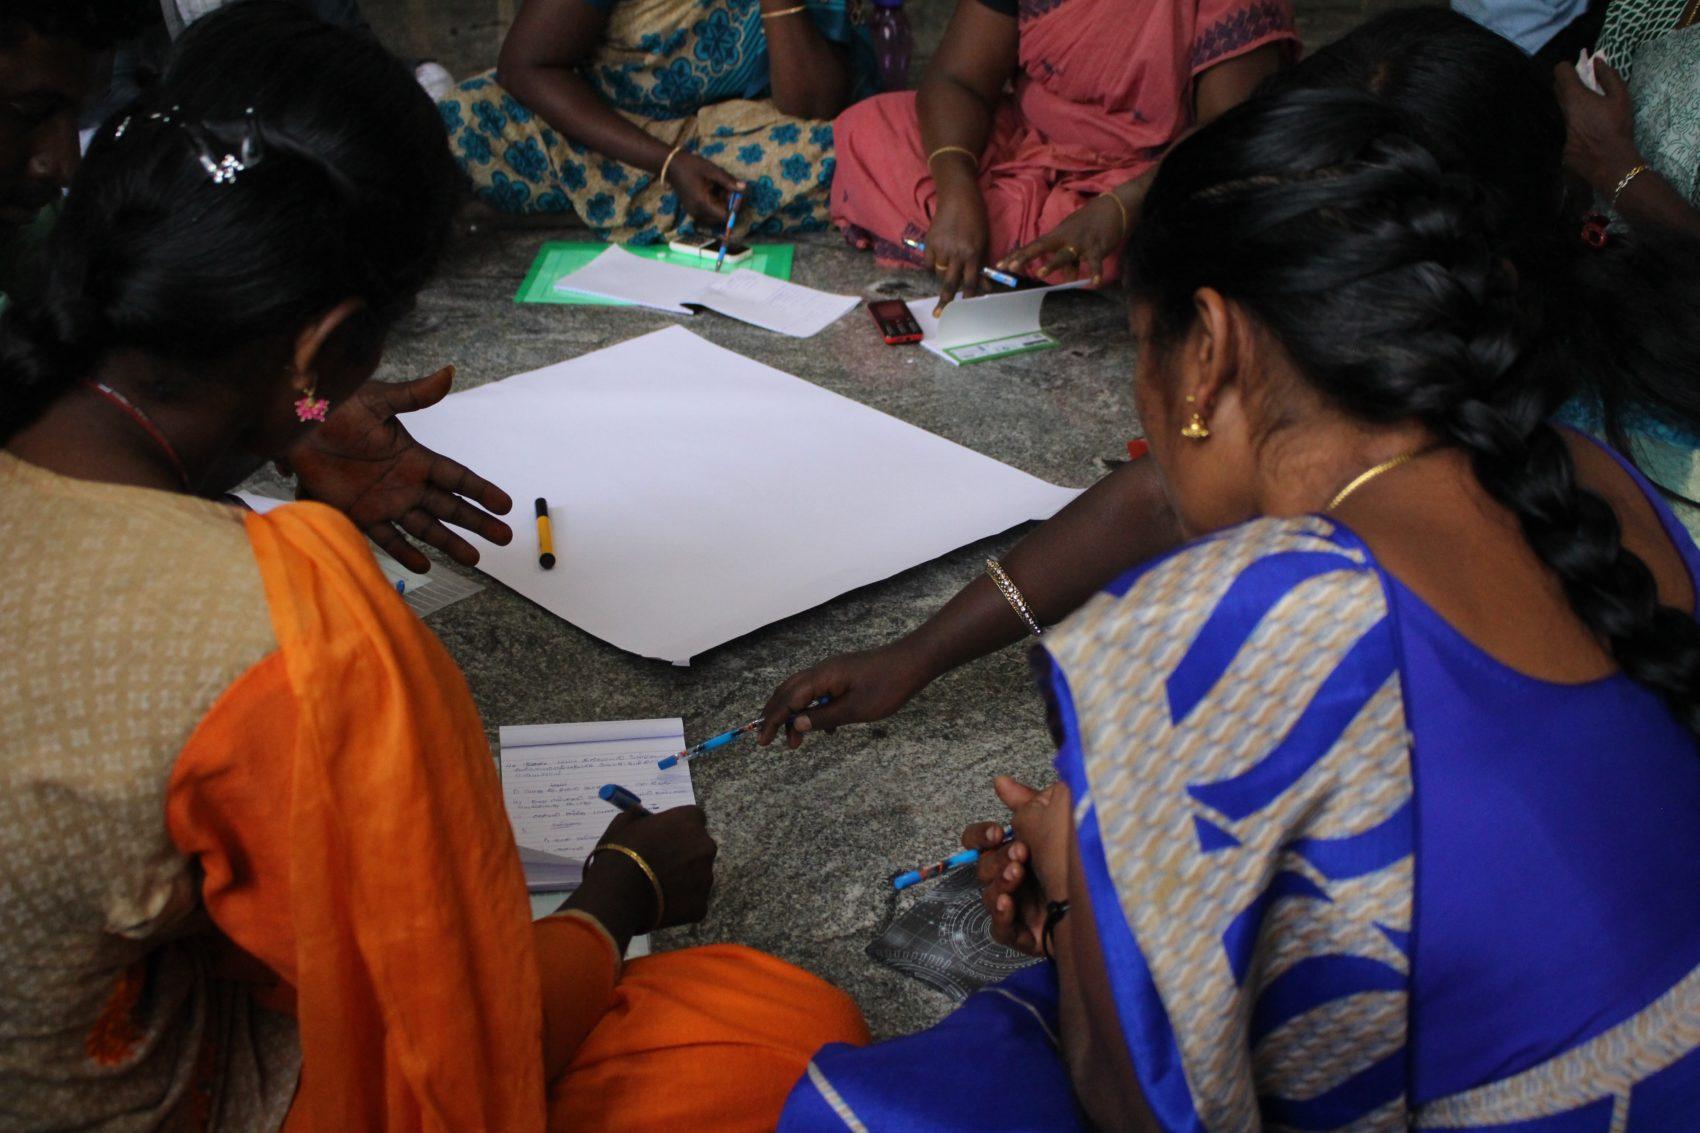 Kvinnor sitter i en cirkel på golvet med papper och diskussionsunderlag i mitten.